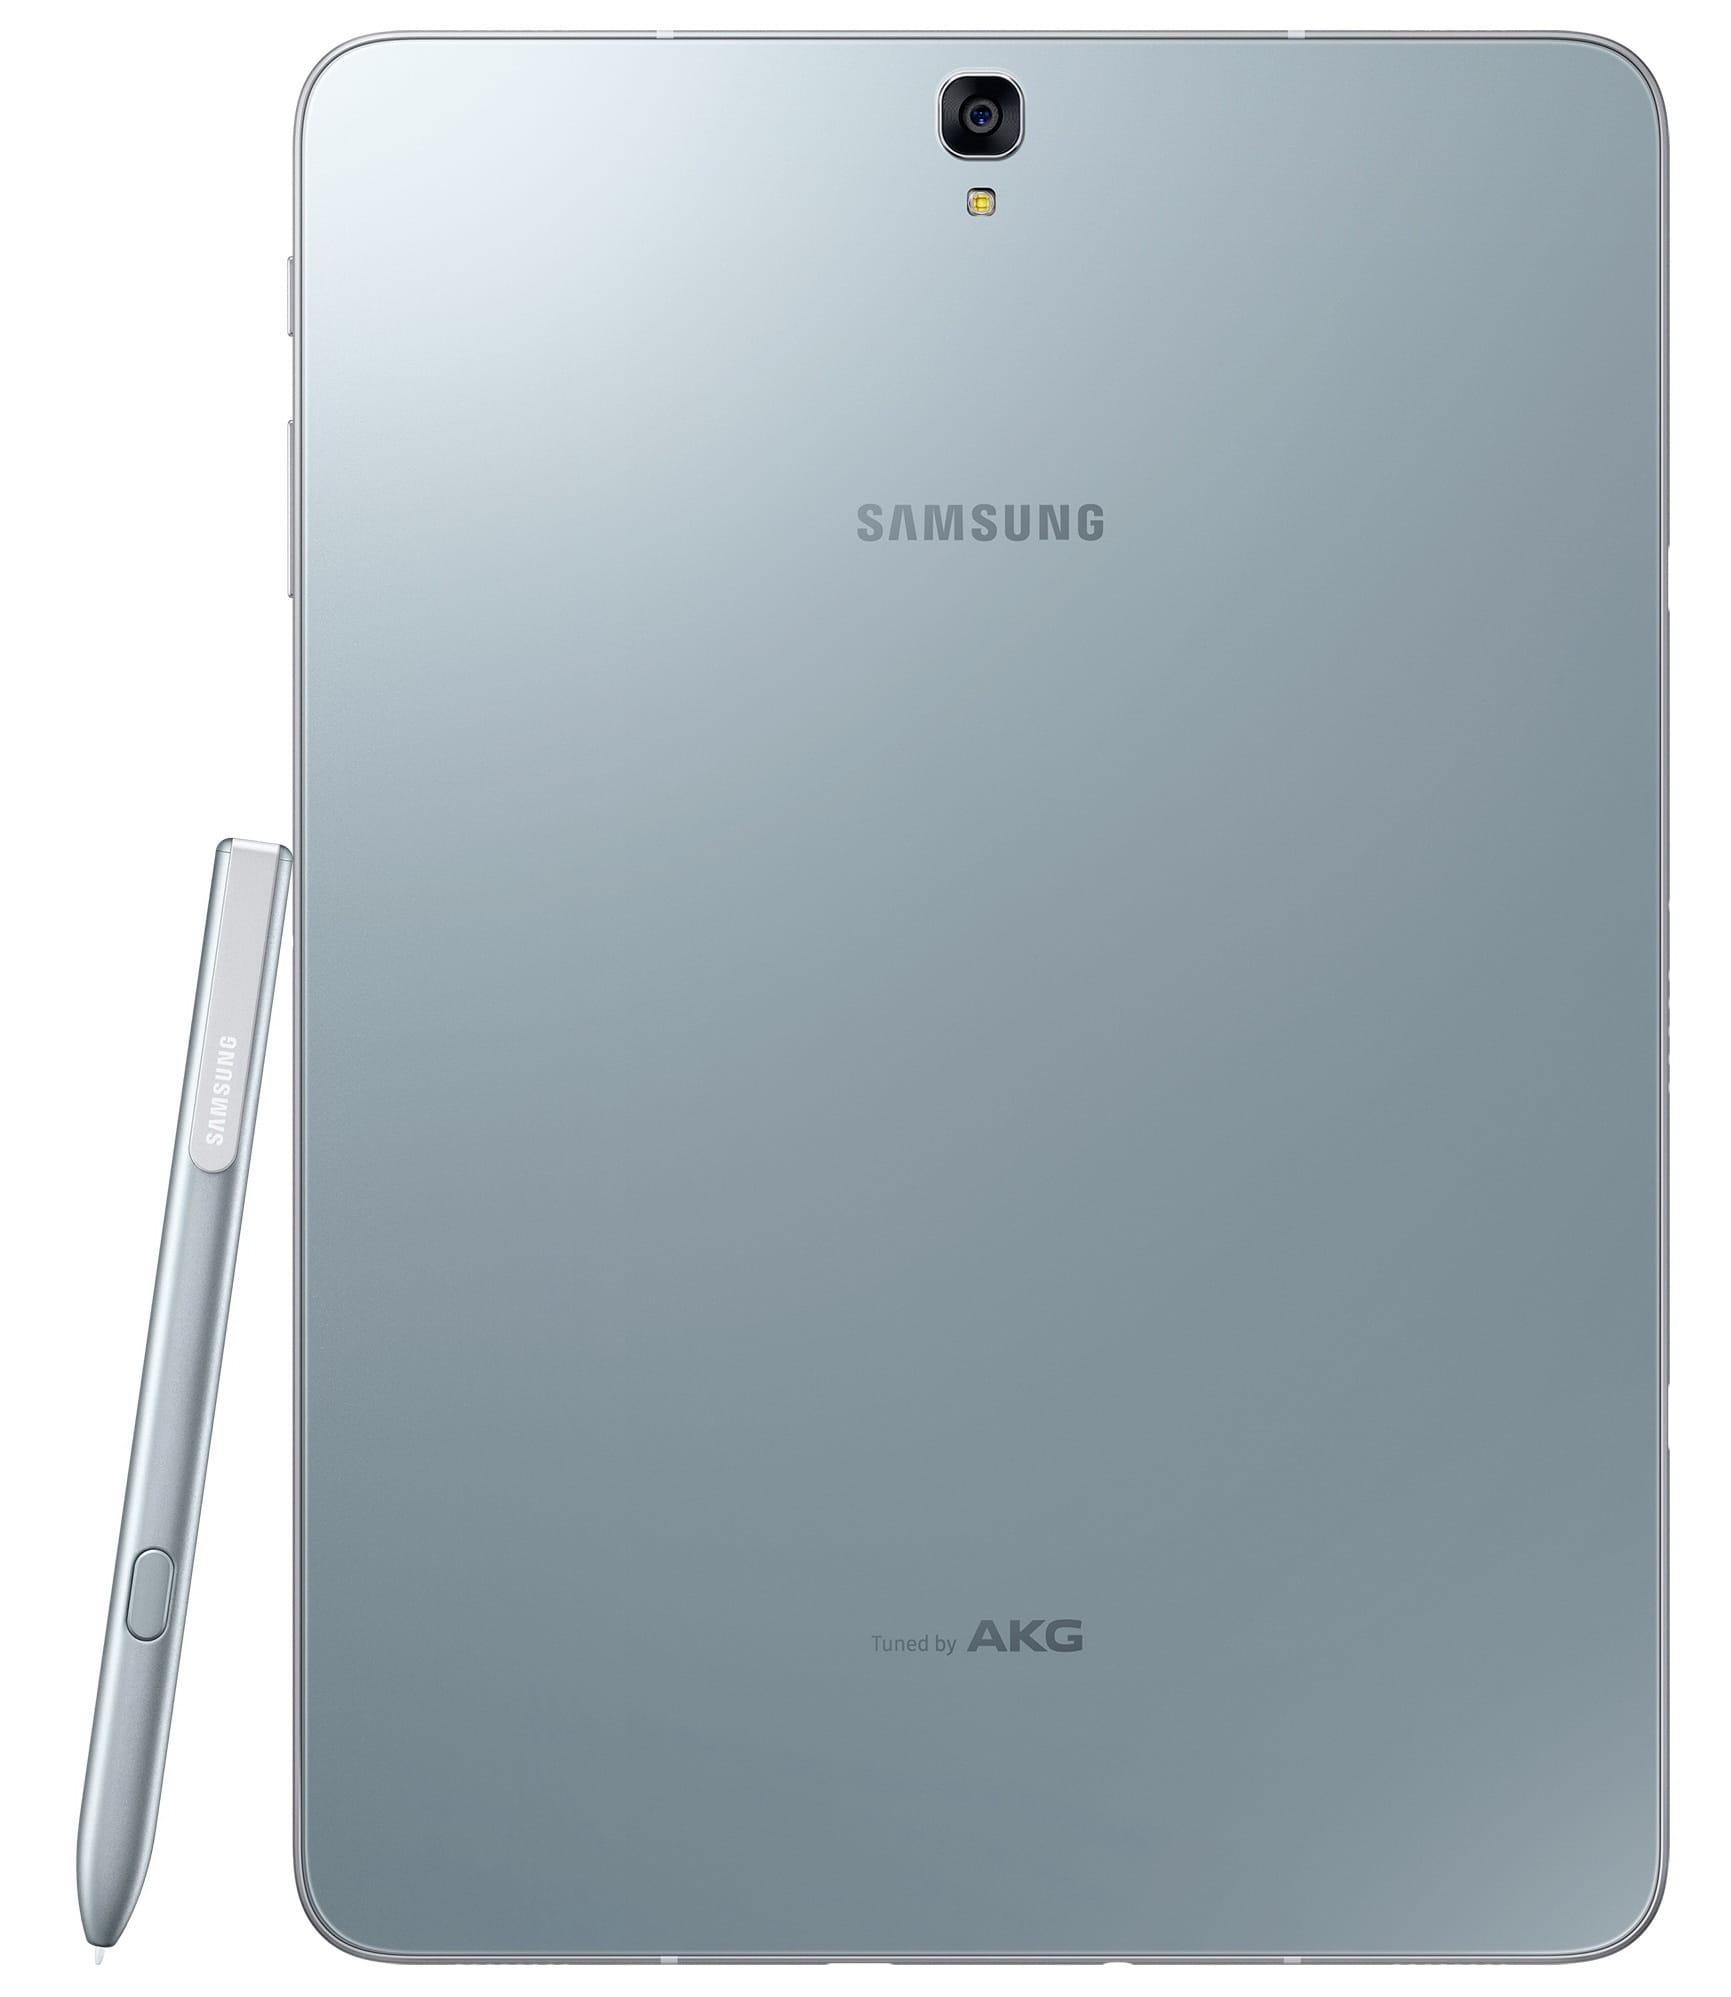 Samsung Galaxy Tab S3 Tablet 6